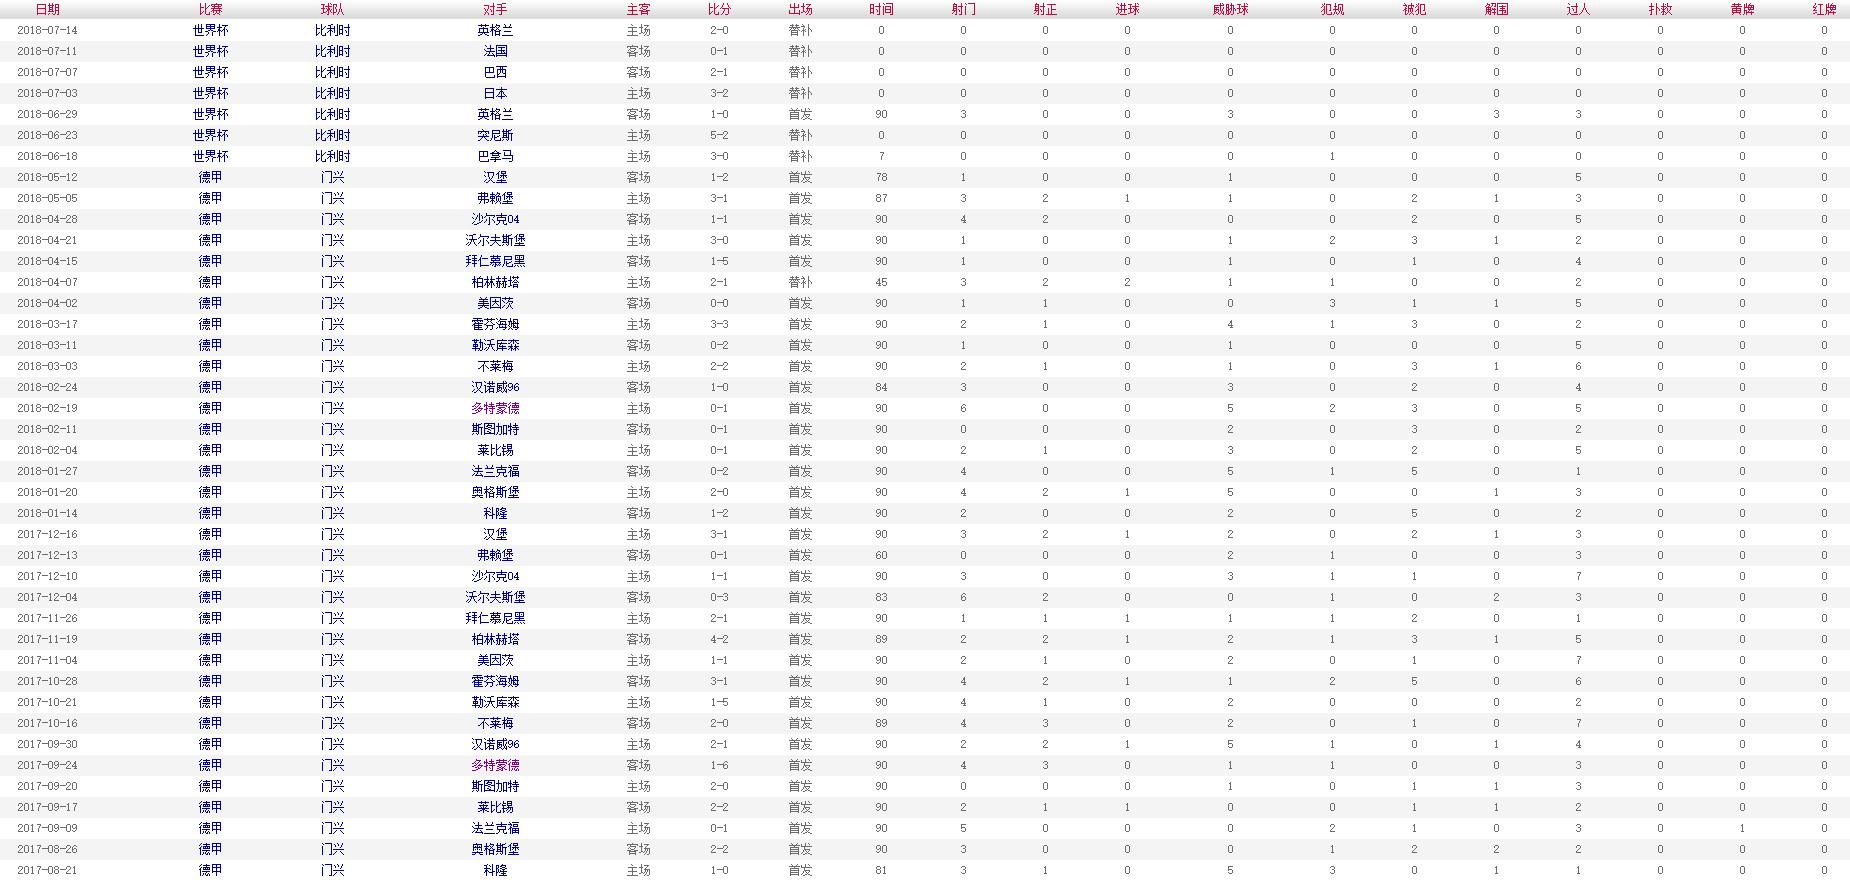 索尔根-阿扎尔 2017-2018赛季比赛数据